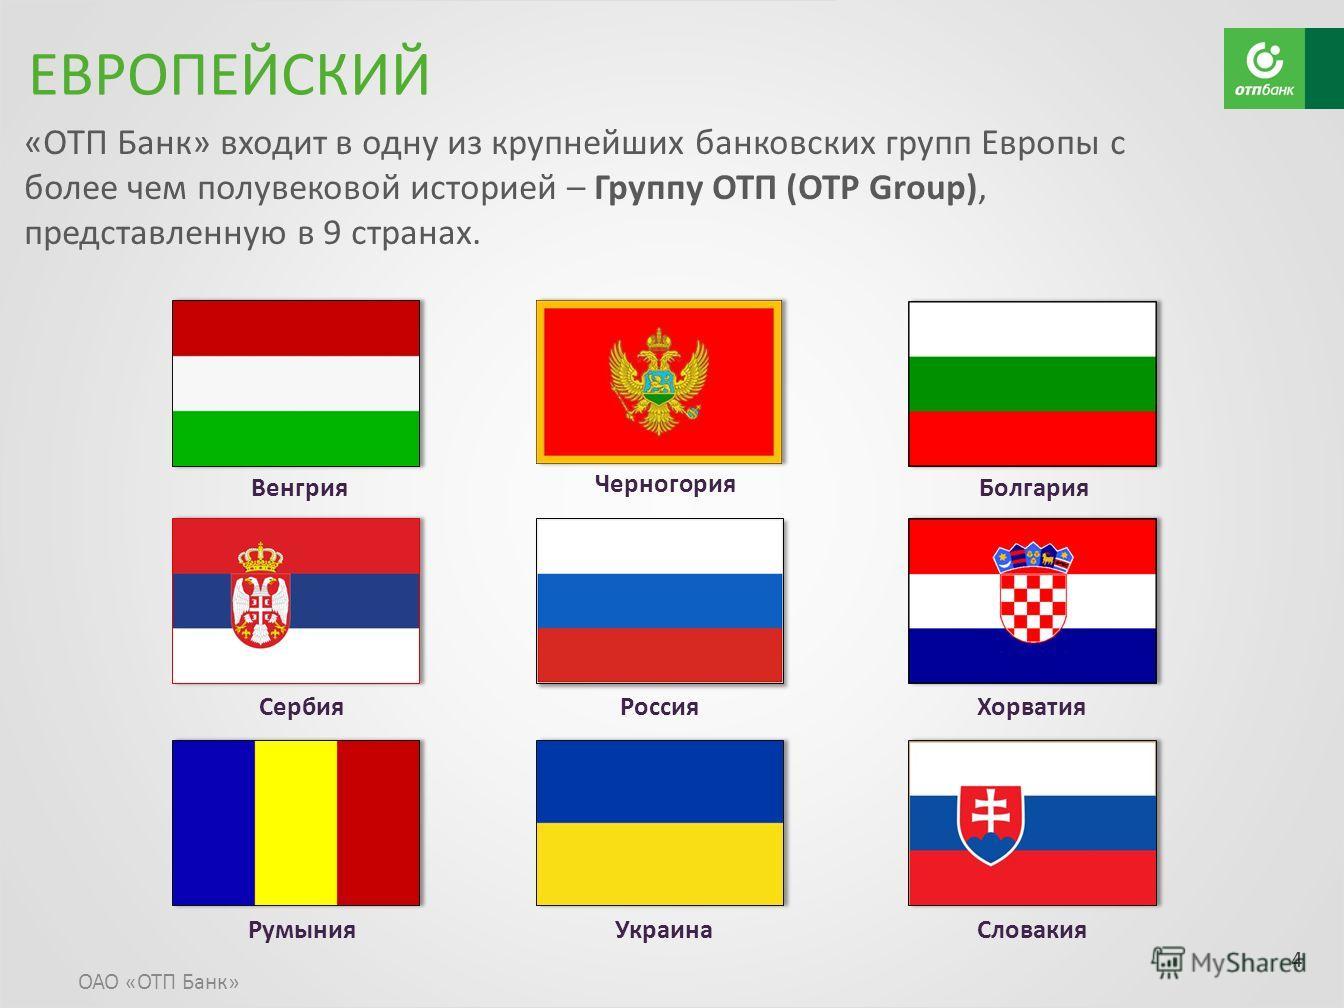 ОАО «ОТП Банк» 4 Россия Венгрия Черногория Украина Румыния Болгария Сербия Хорватия Словакия «ОТП Банк» входит в одну из крупнейших банковских групп Европы с более чем полувековой историей – Группу ОТП (OTP Group), представленную в 9 странах. ЕВРОПЕЙ